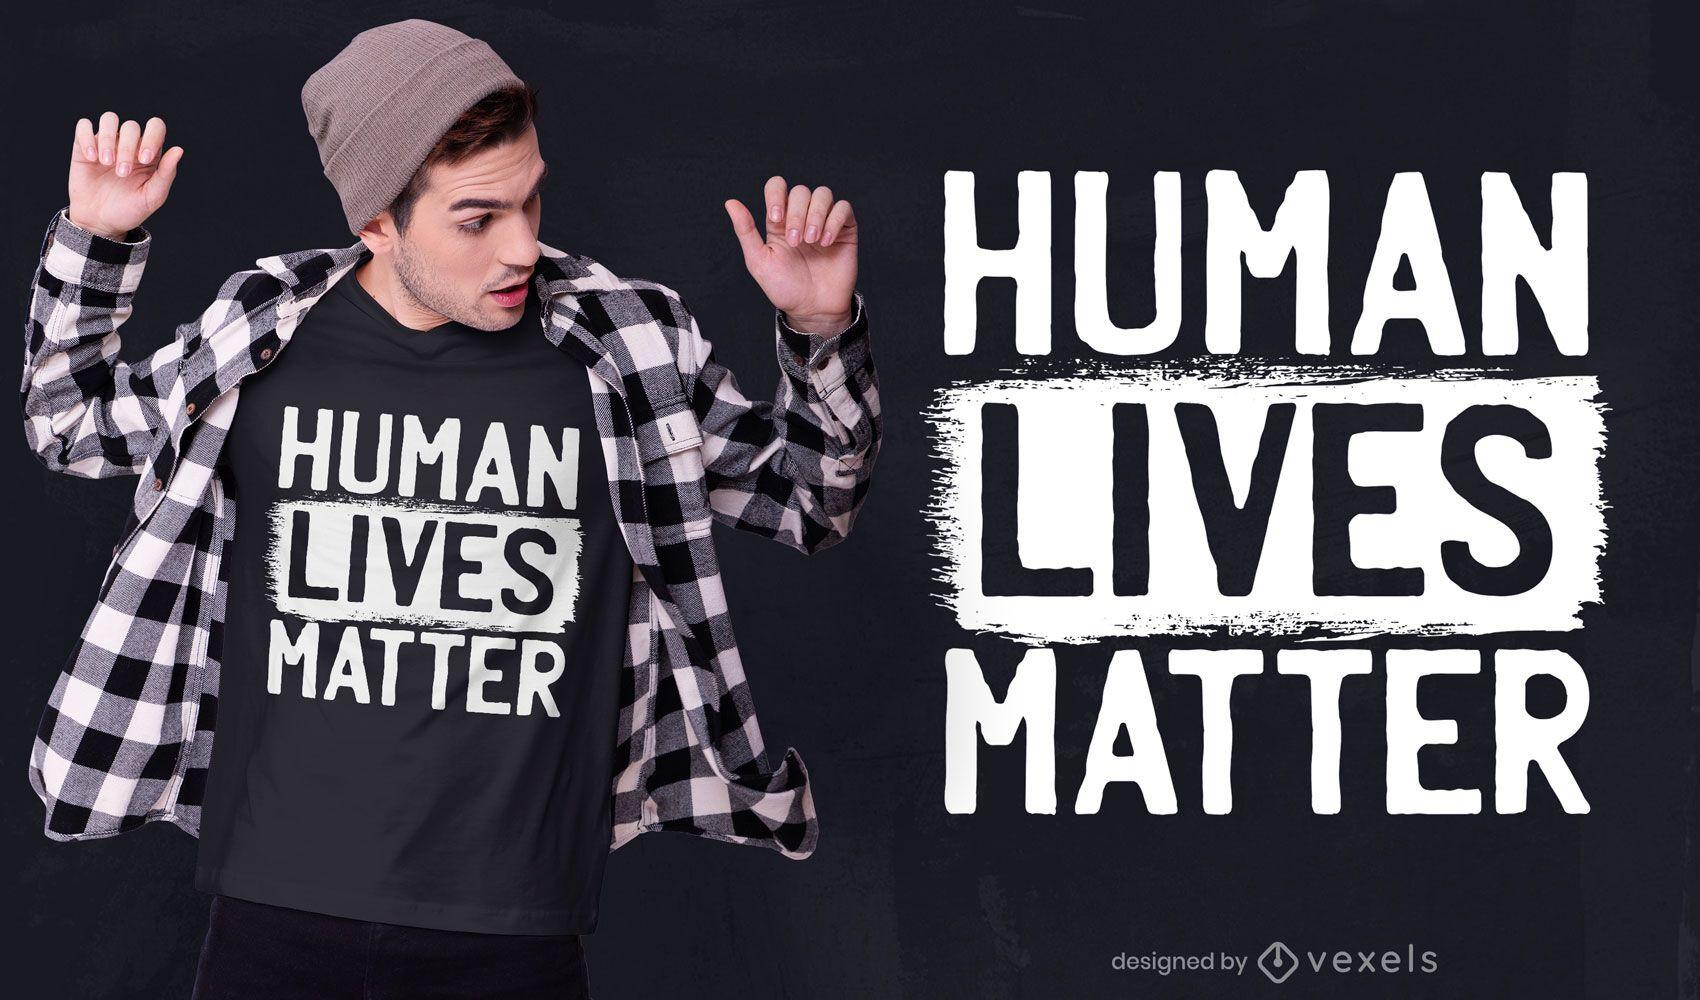 Vidas humanas importam design de camisetas